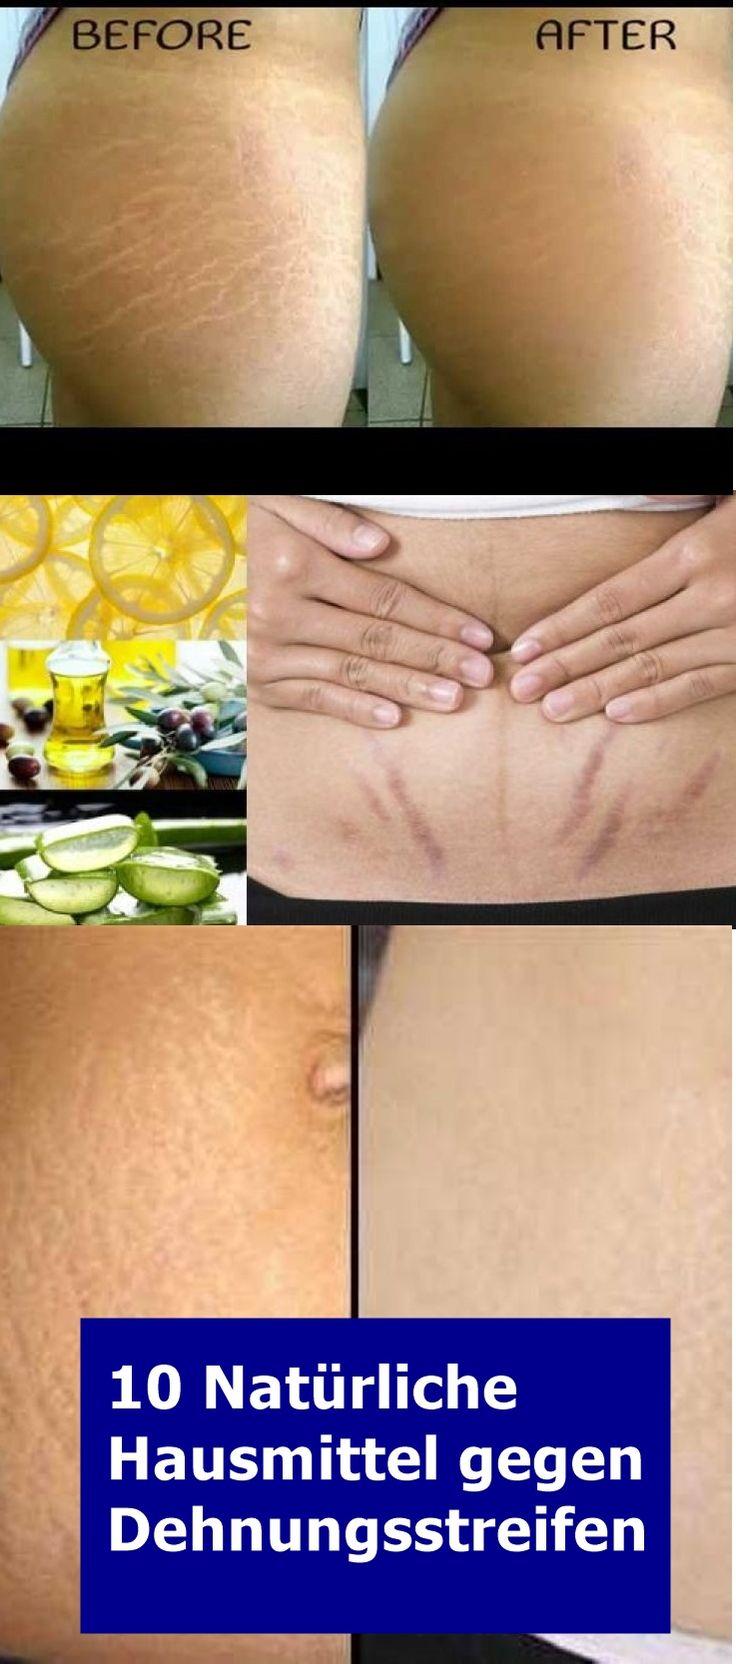 10 Natural Home Remedies for Stretch Marks | njuskam! – Schönheitstipps